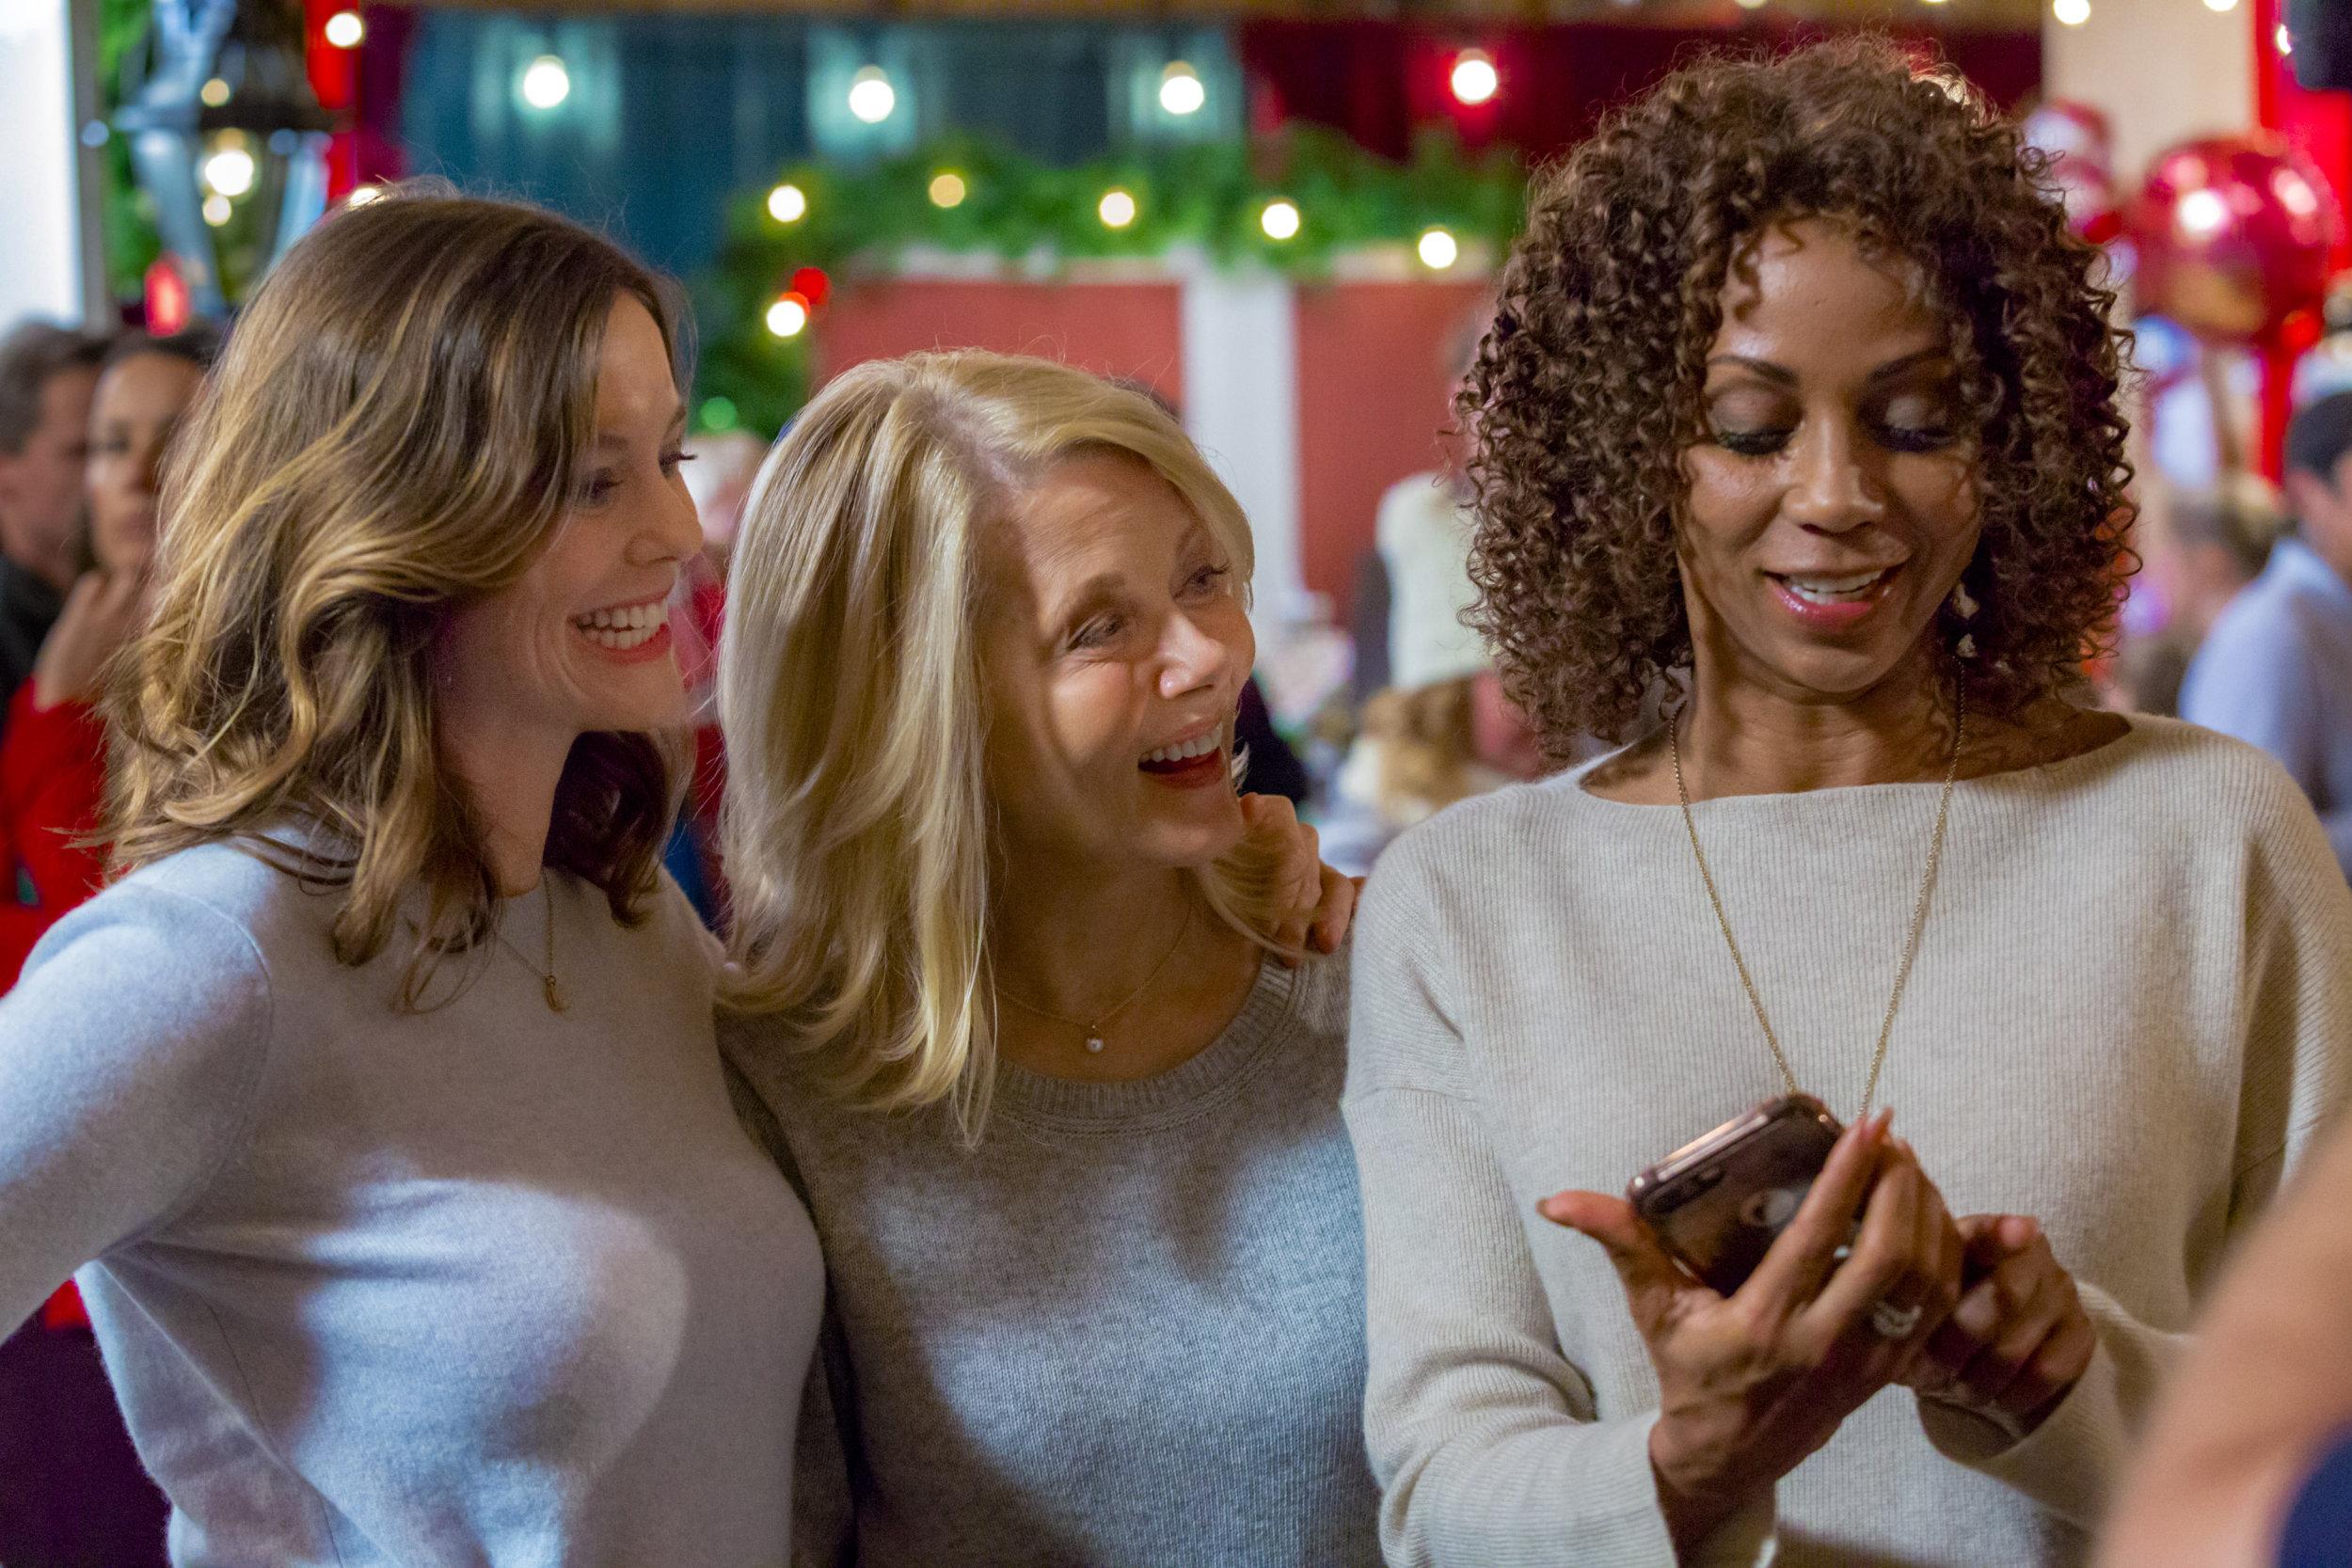 Christmas In Evergreen Hallmark Movie.On Location Christmas In Evergreen Hallmark Channel